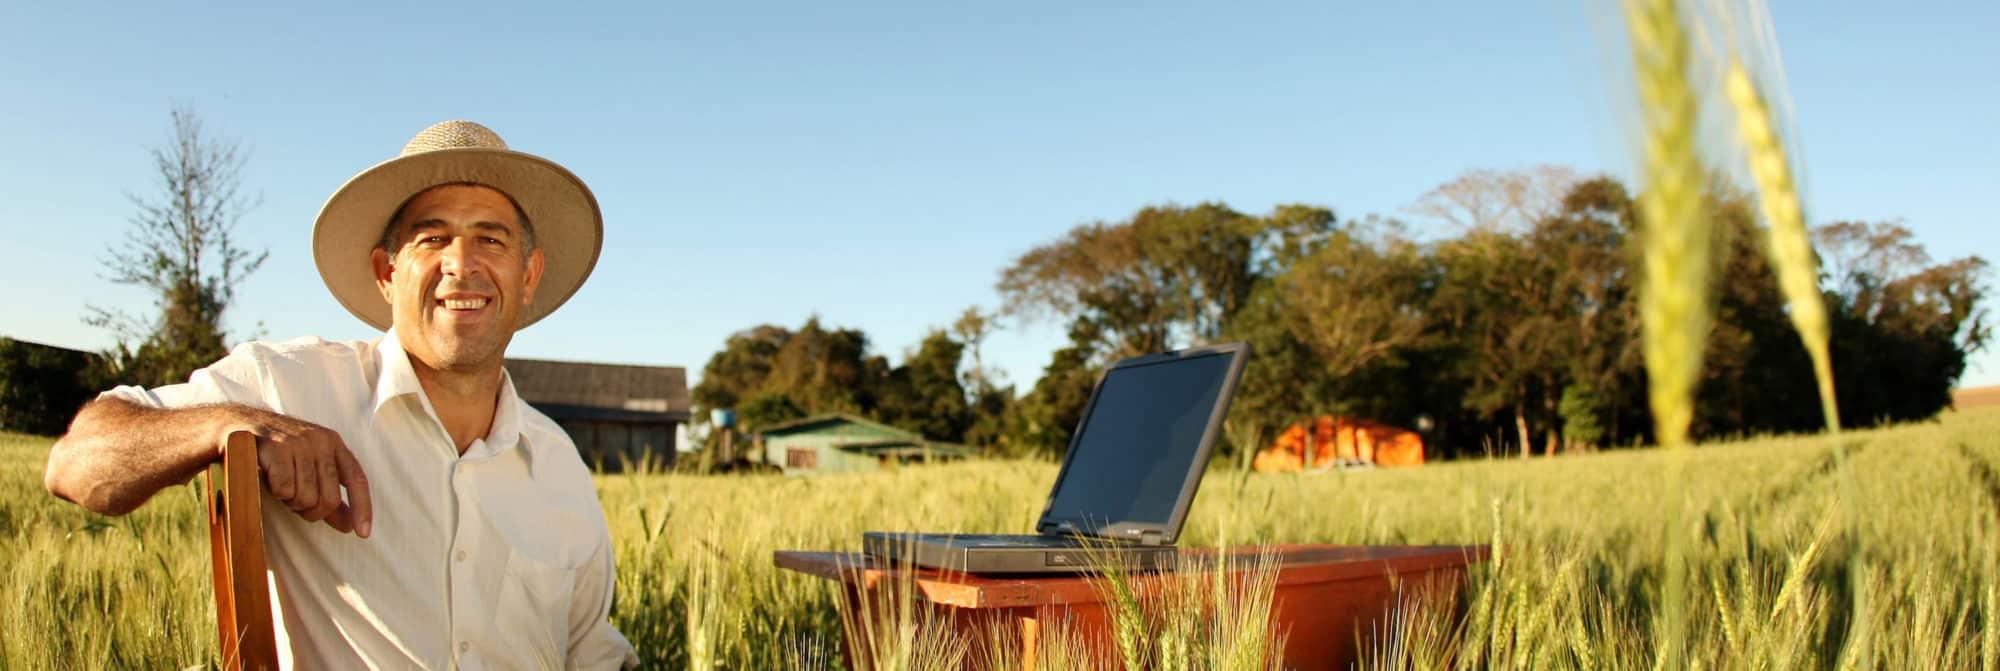 Resultado de imagem para empresas rurais